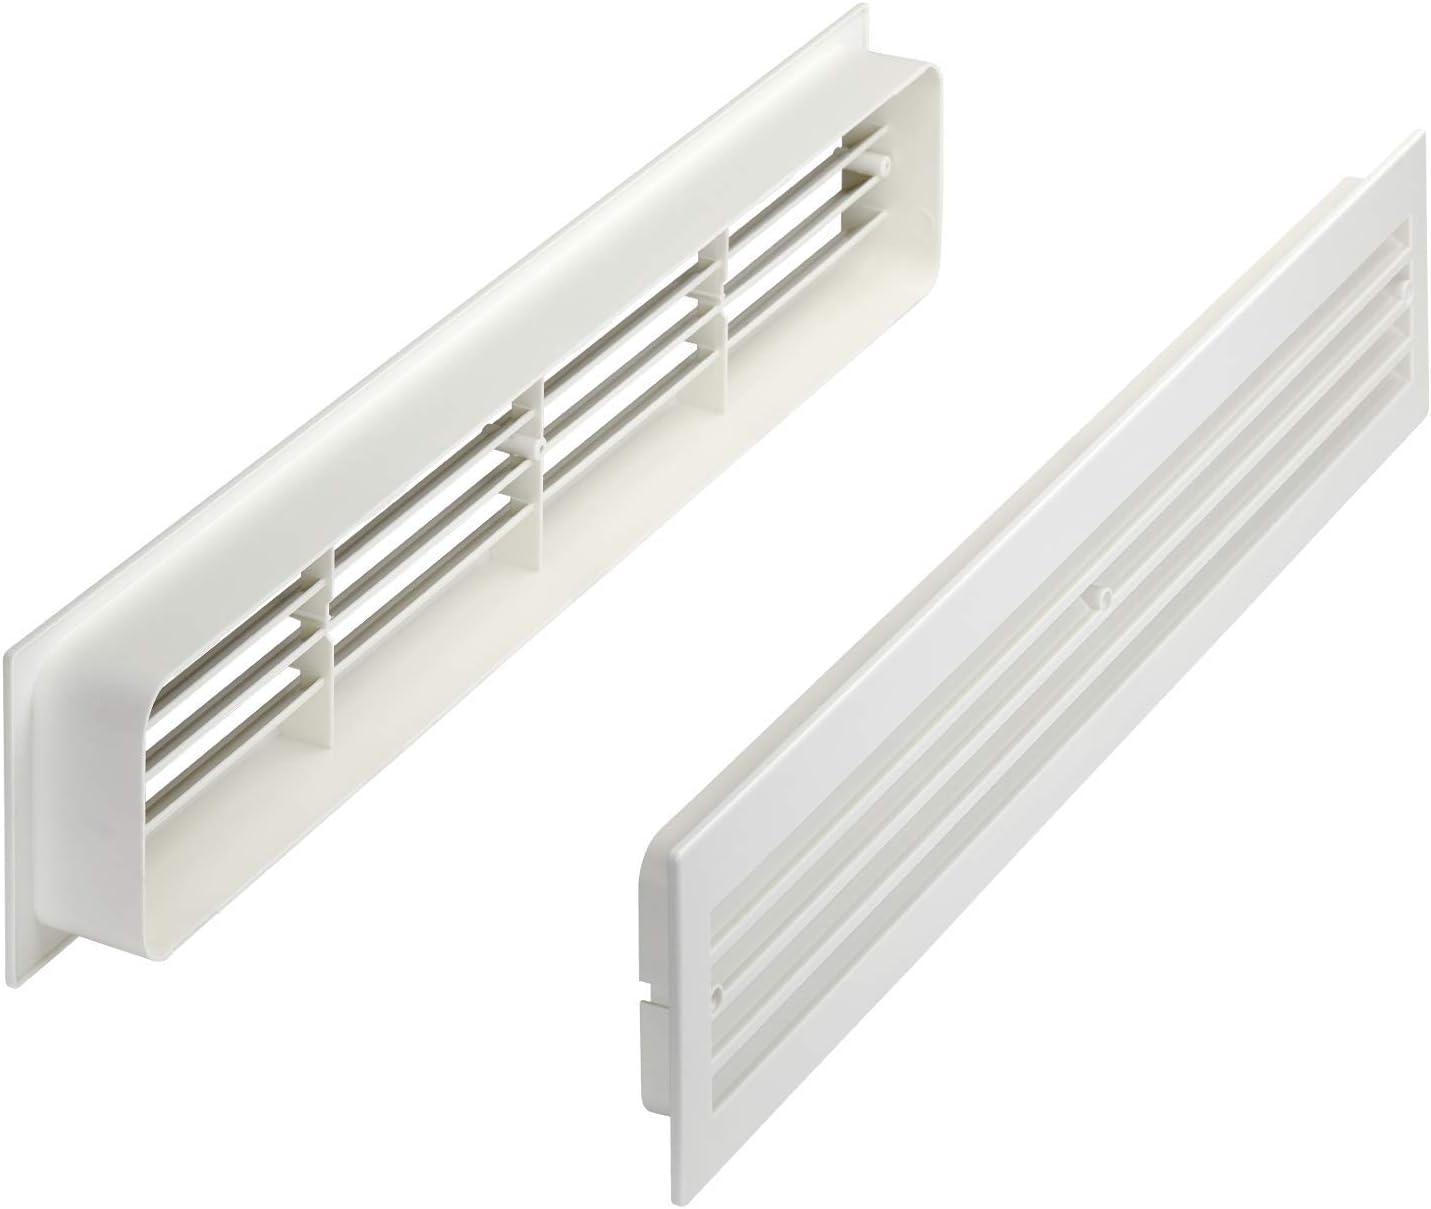 Lüftungsgitter BRISE 20 x 20 x 20 mm weiß doppelseitig durchblicksicher  Schlitzlochung Schlitzgitter Abluftgitter Türlüftungsgitter von SO TECH